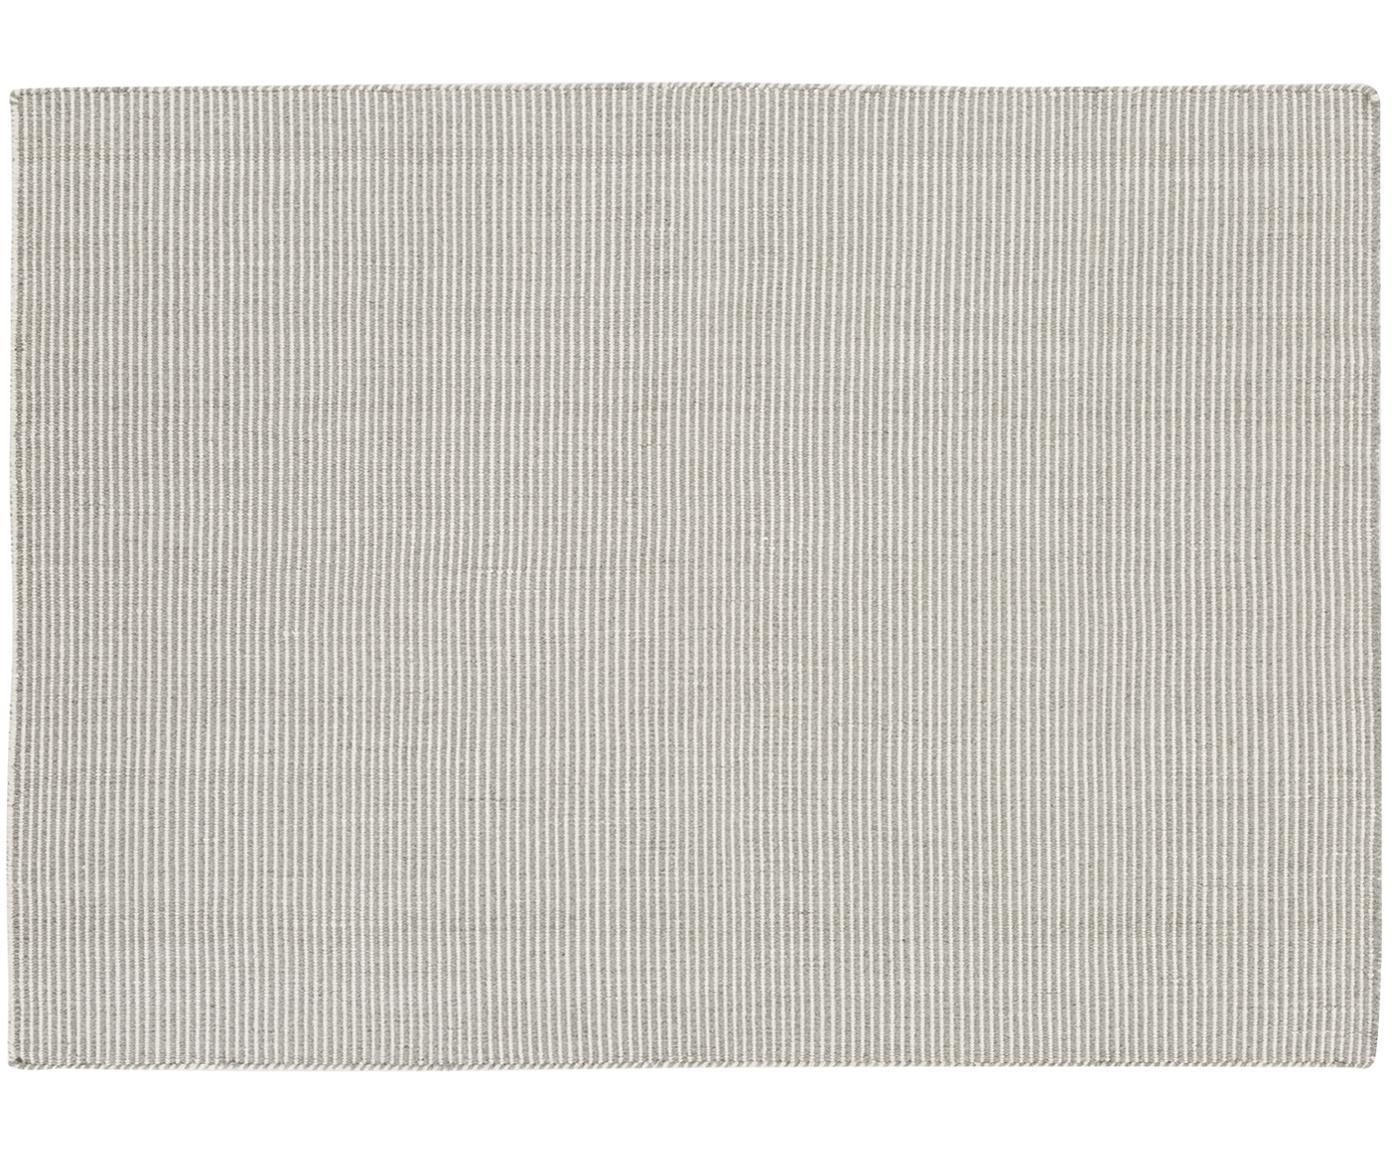 Tappeto in lana tessuto a mano Ajo, Grigio chiaro, crema, Larg. 140 x Lung. 200 cm (taglia S)